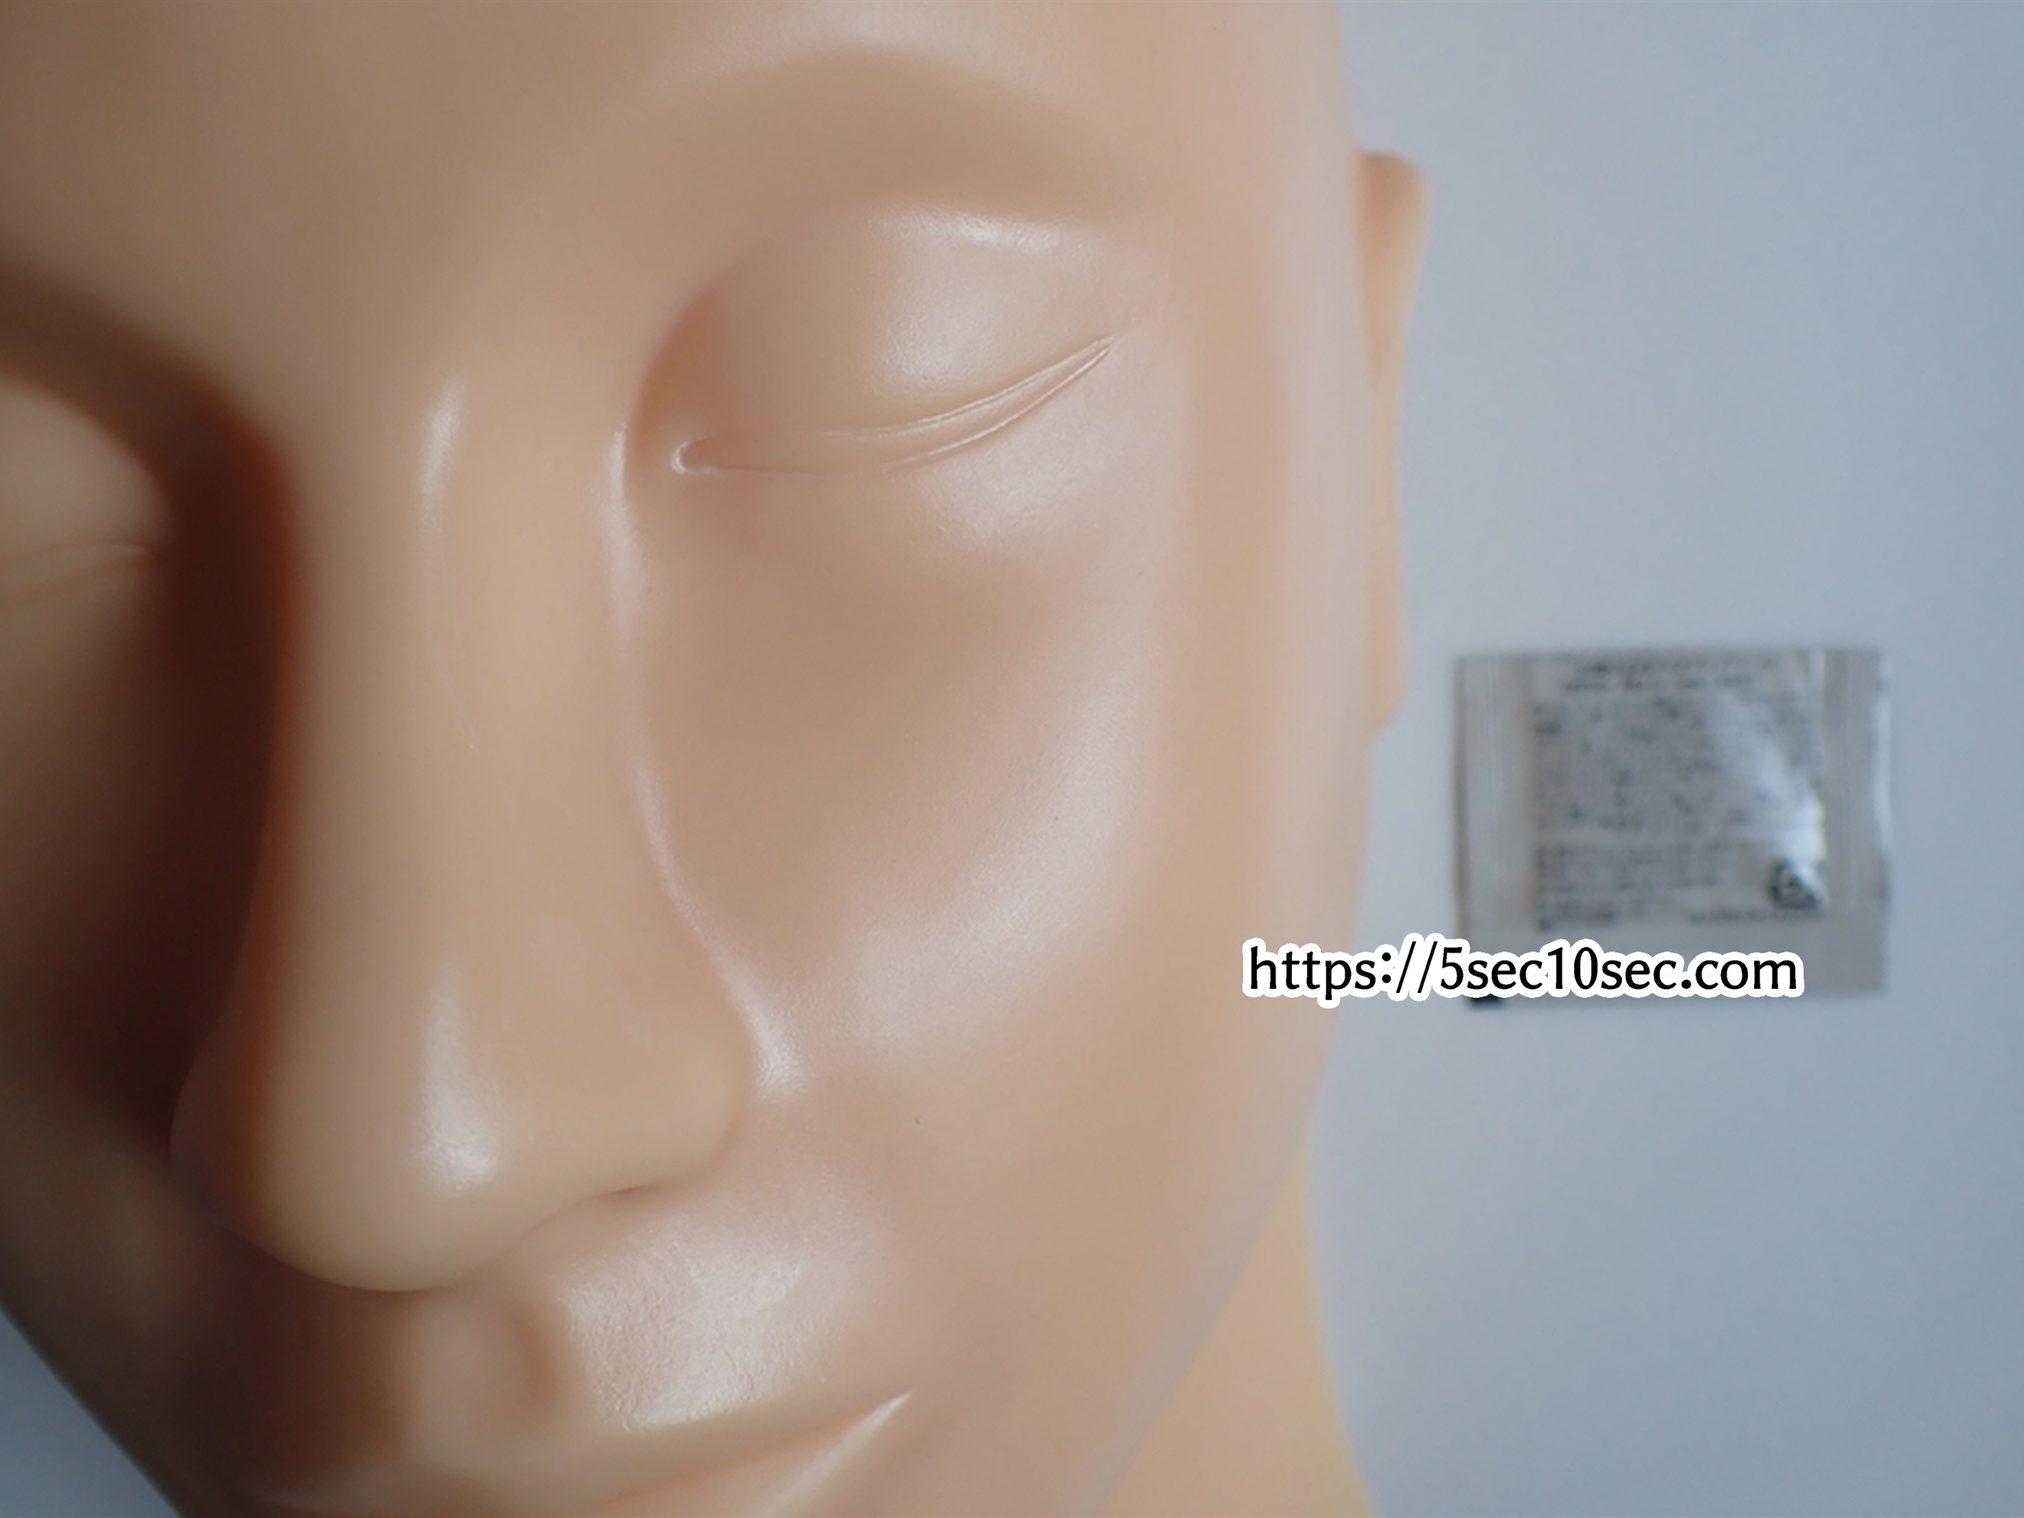 ナチュラグラッセ UVプロテクションベース 肌に馴染ませるとこういう感じです